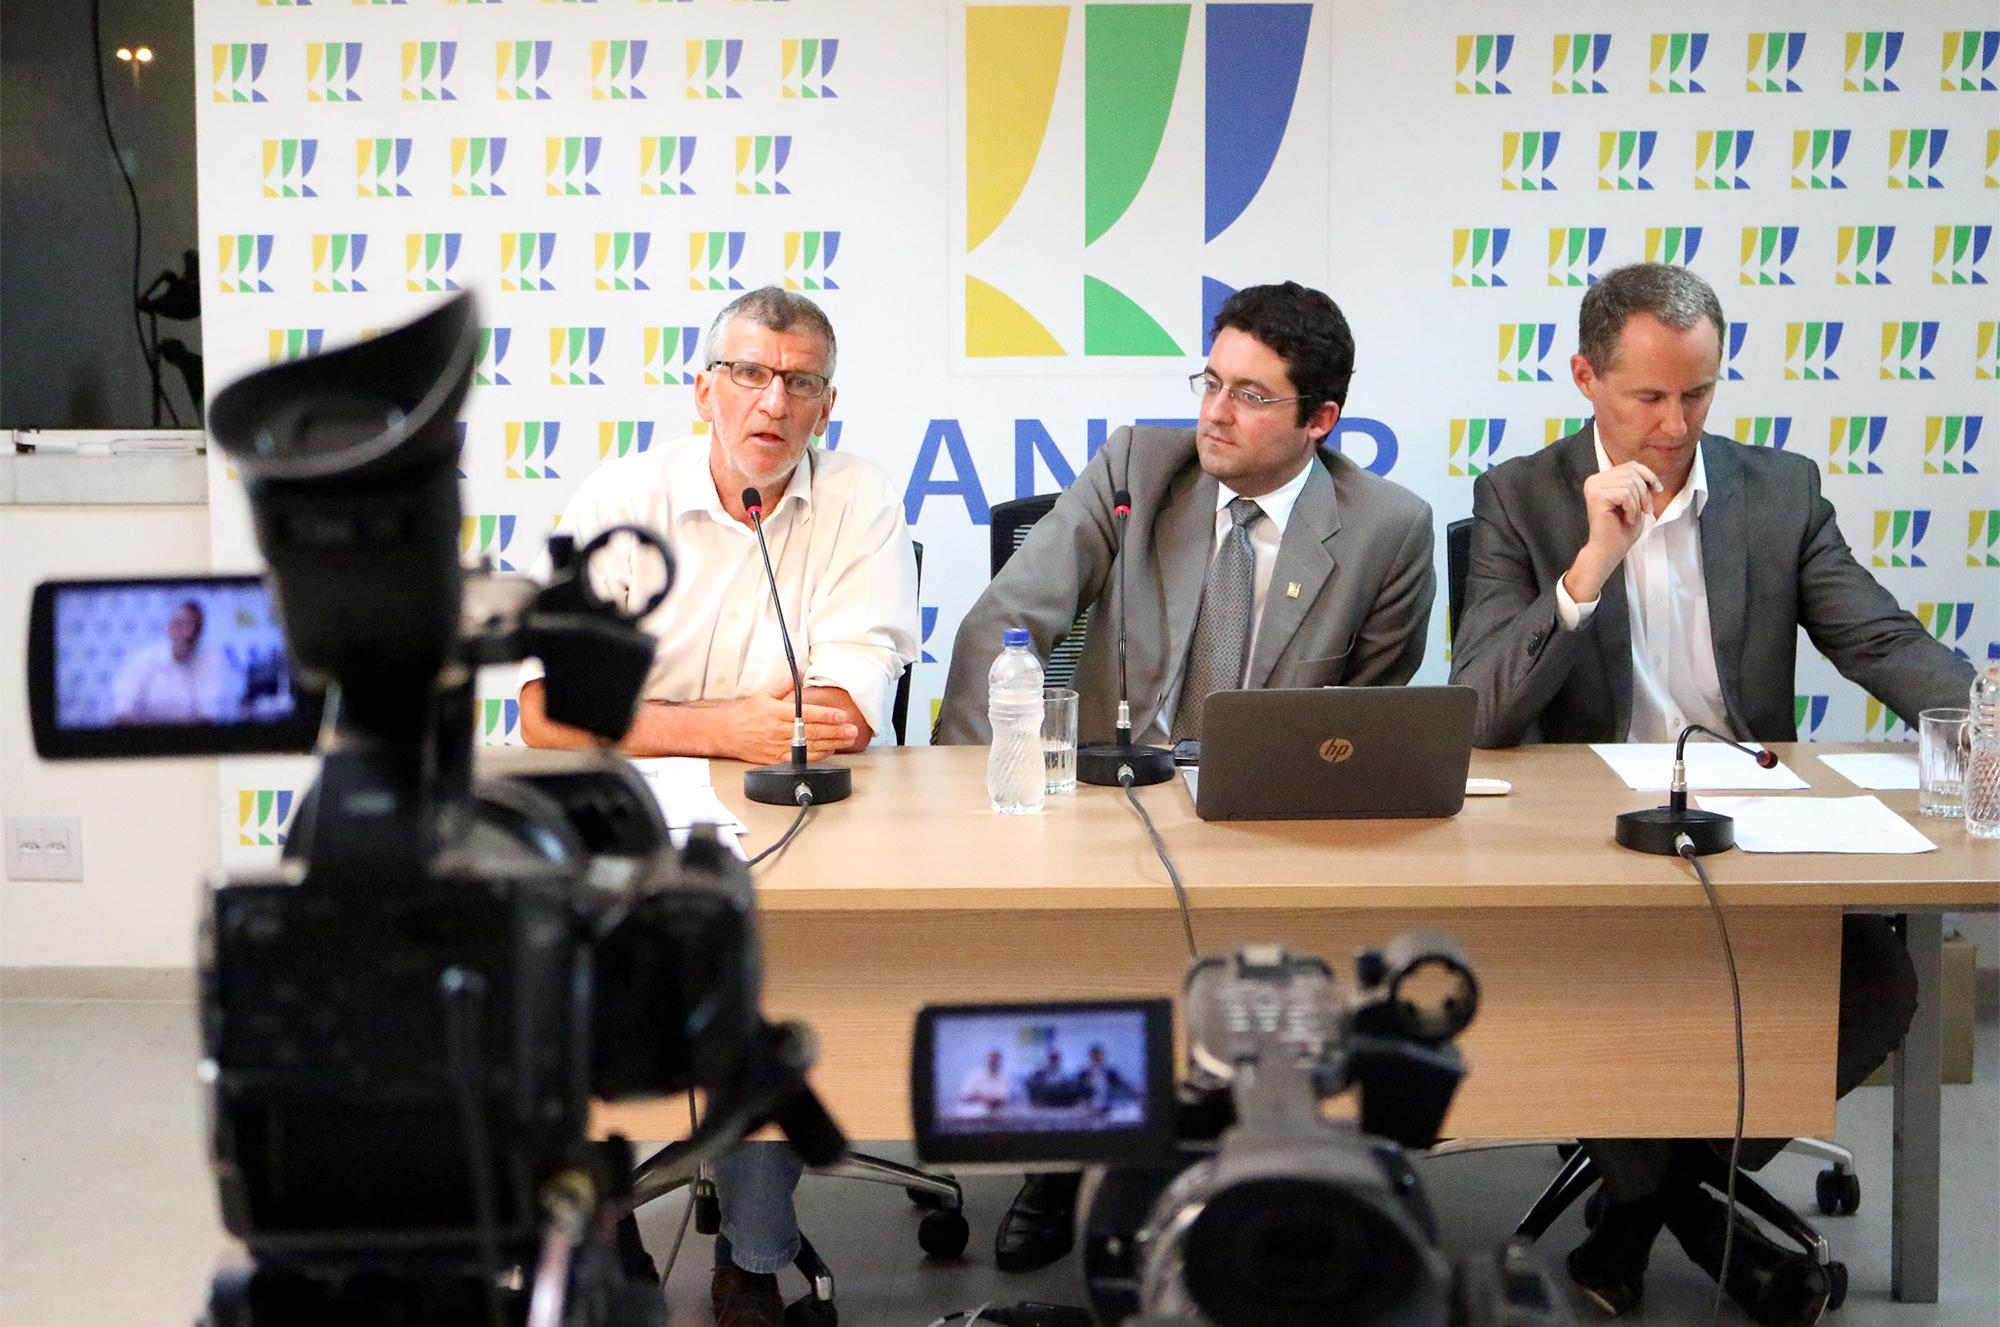 Presidente da ANESP, Alex Canuto, ao centro, como mediador do debate.